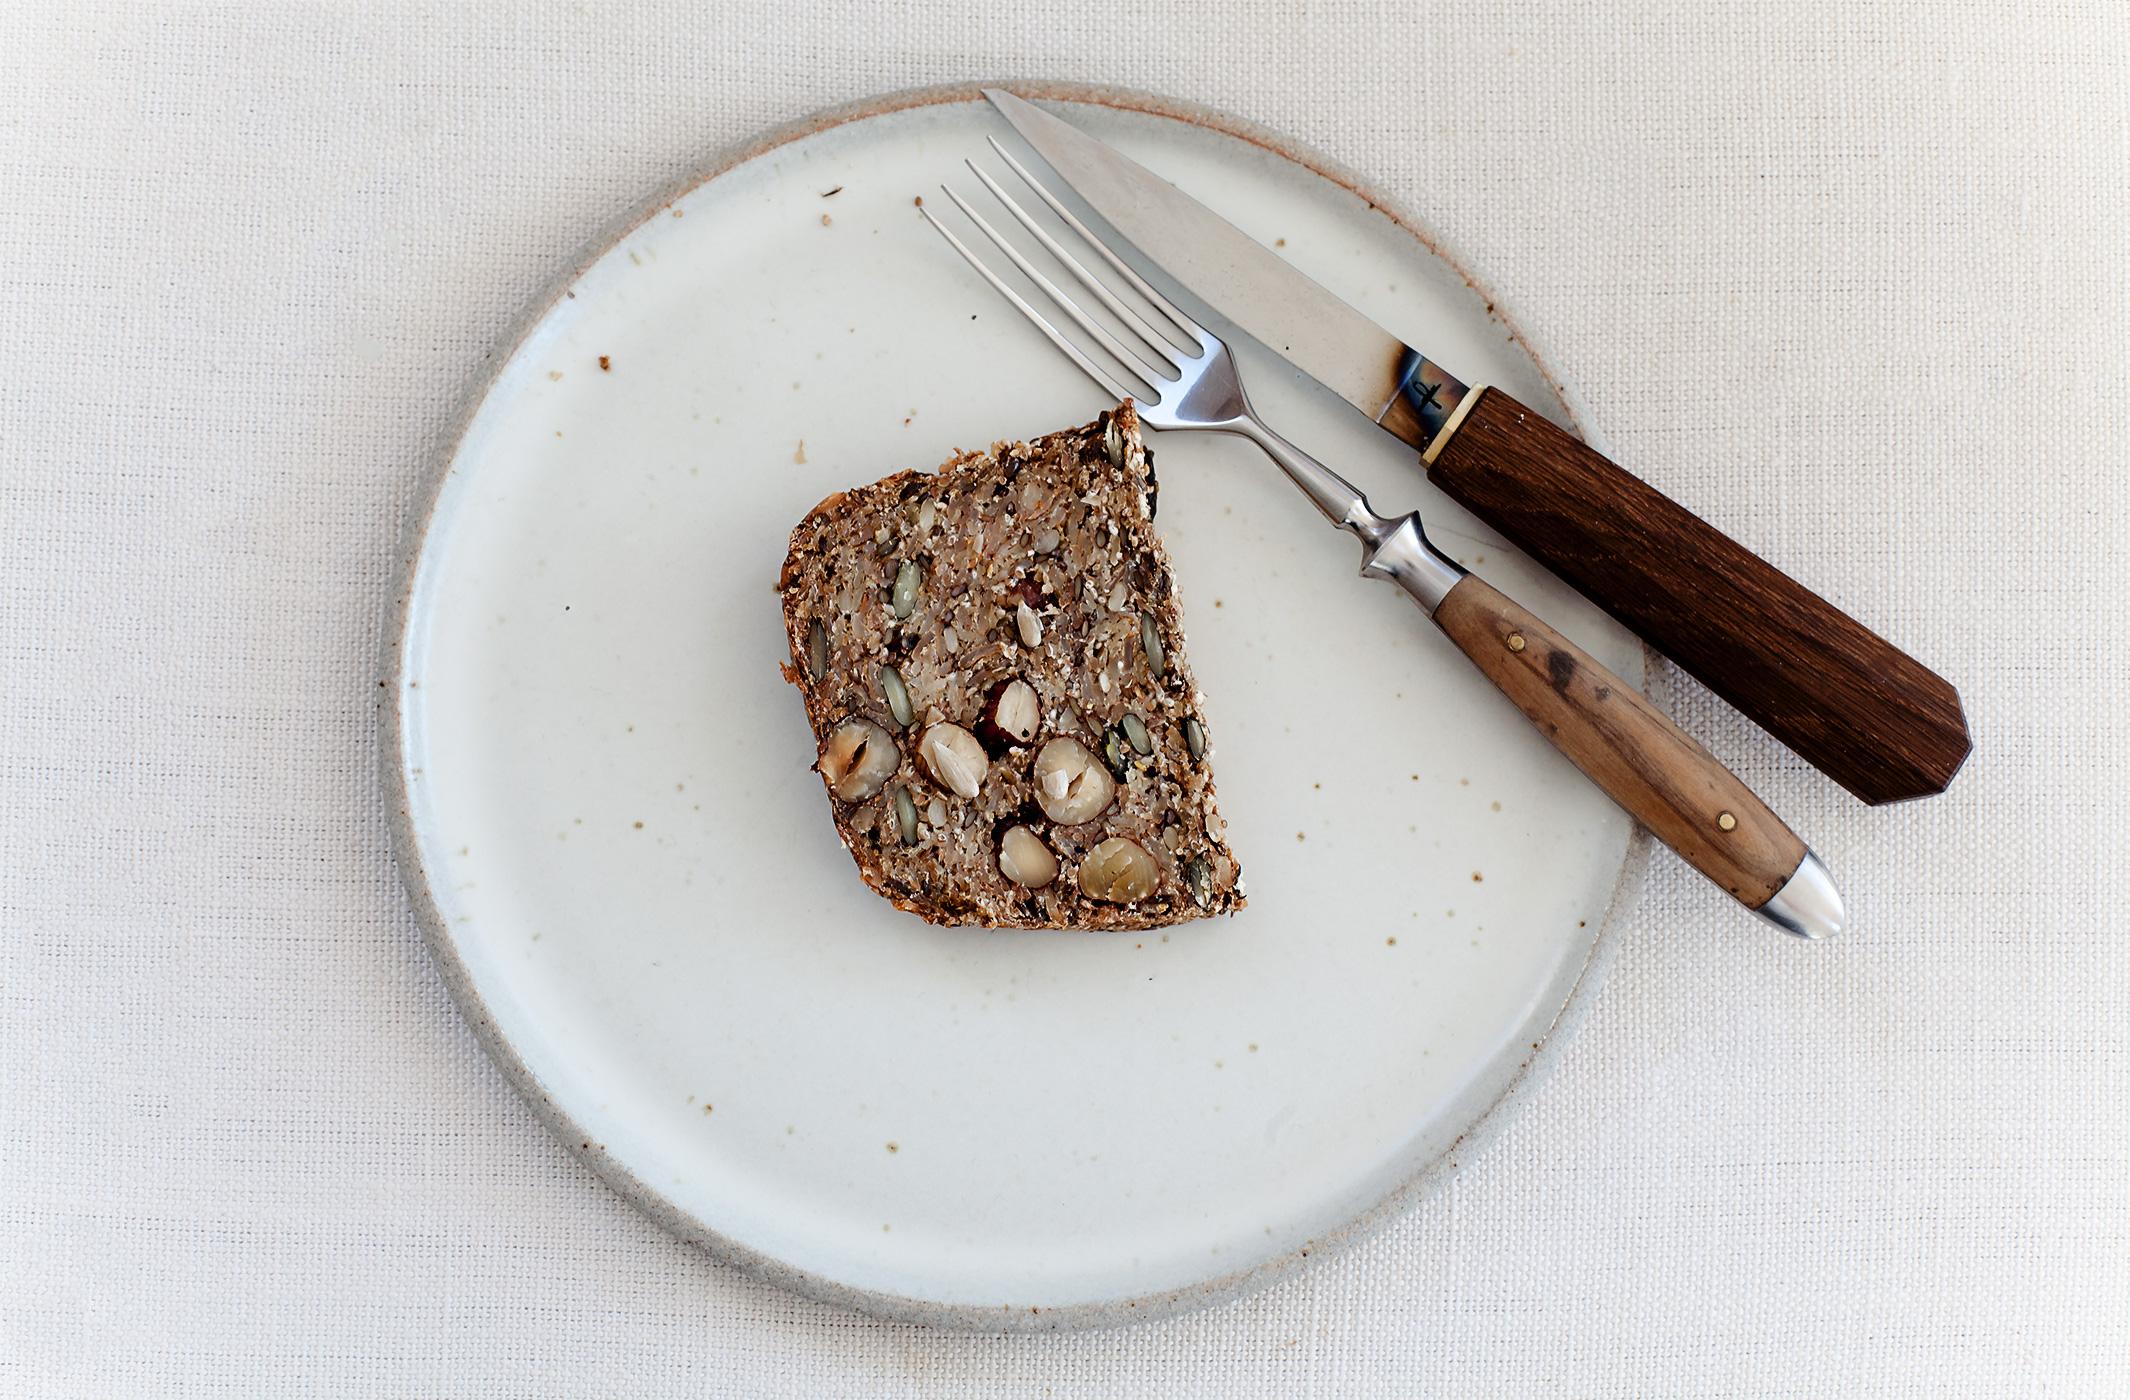 Life-Changing-Bread-ohne-Mehl-und-HefeIMG_6423-2